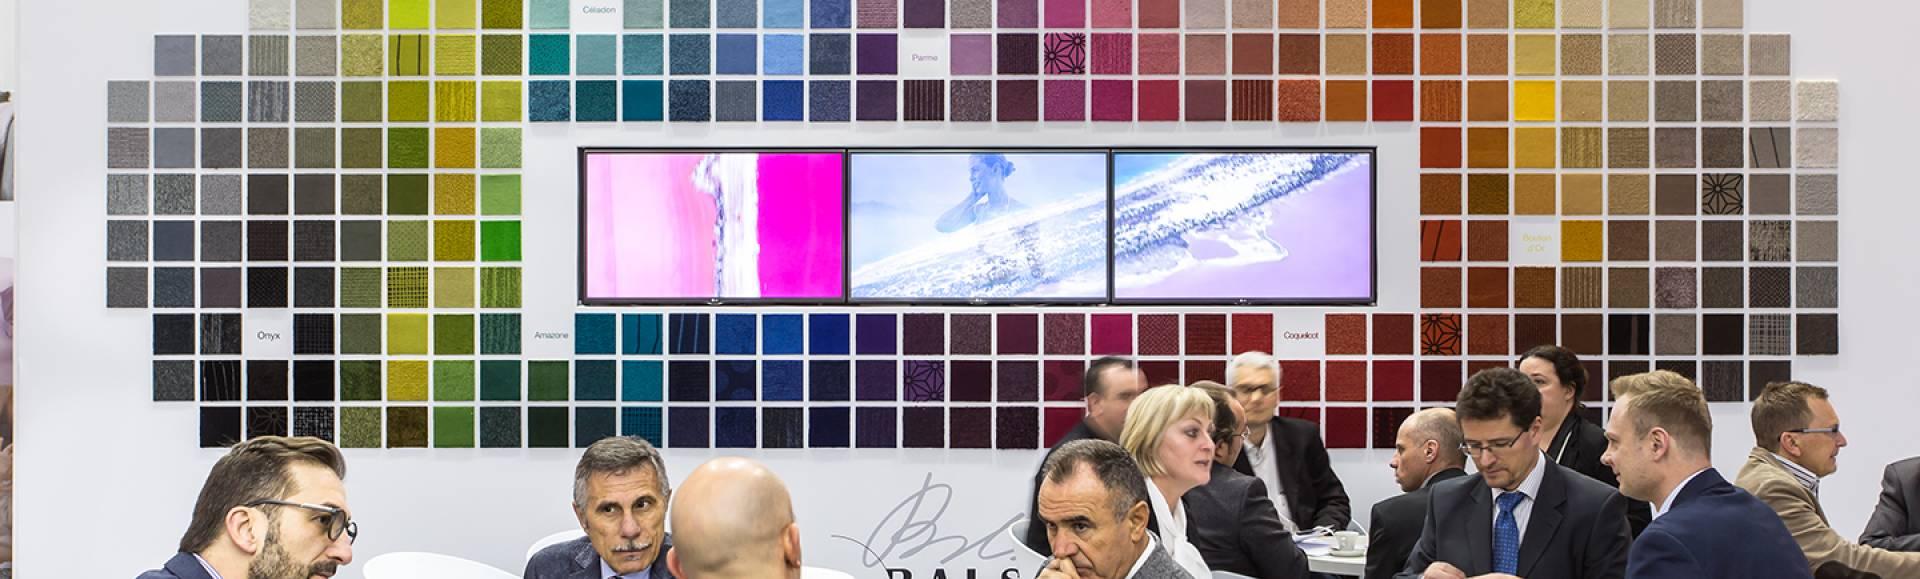 Actualités salons domotex 2016 mur colore moquette